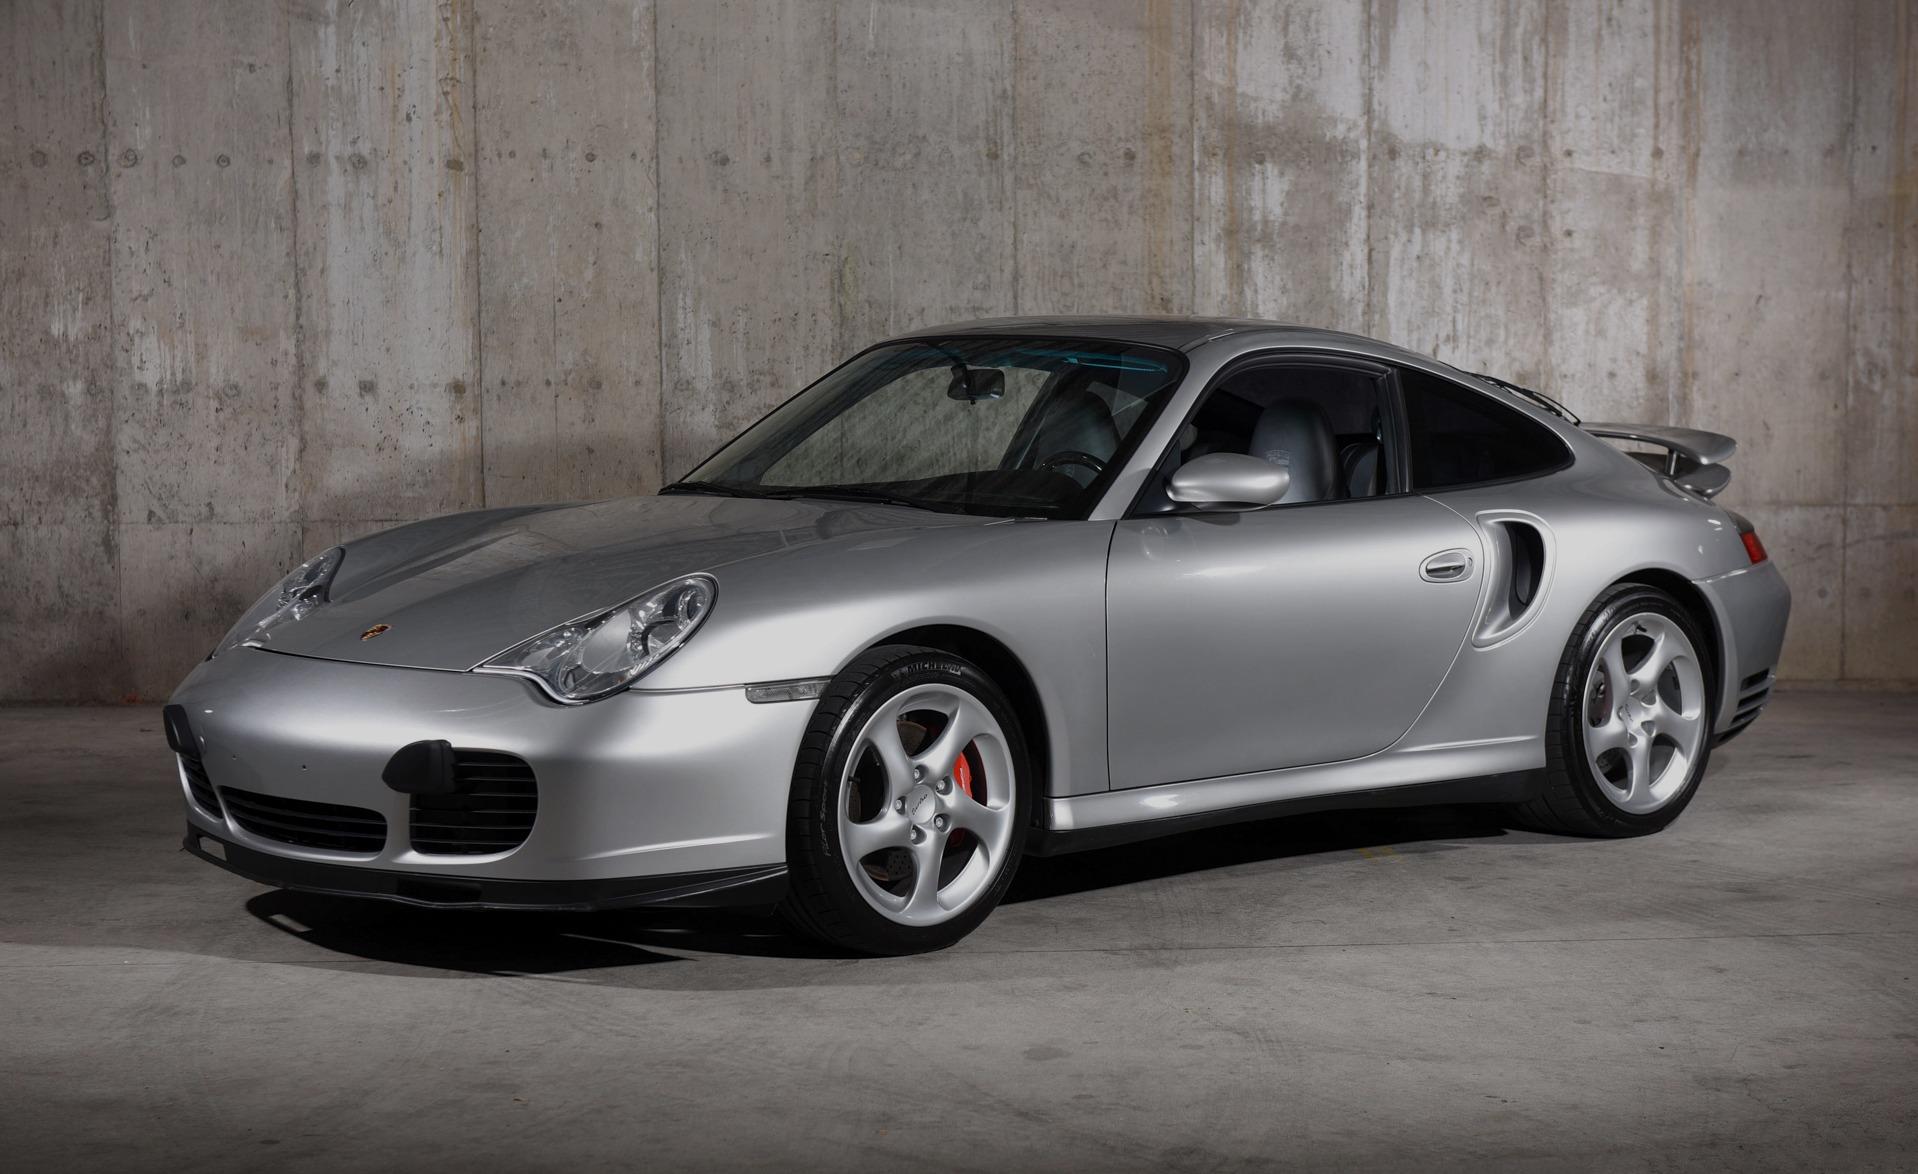 Used 2001 Porsche 911 Turbo | Valley Stream, NY